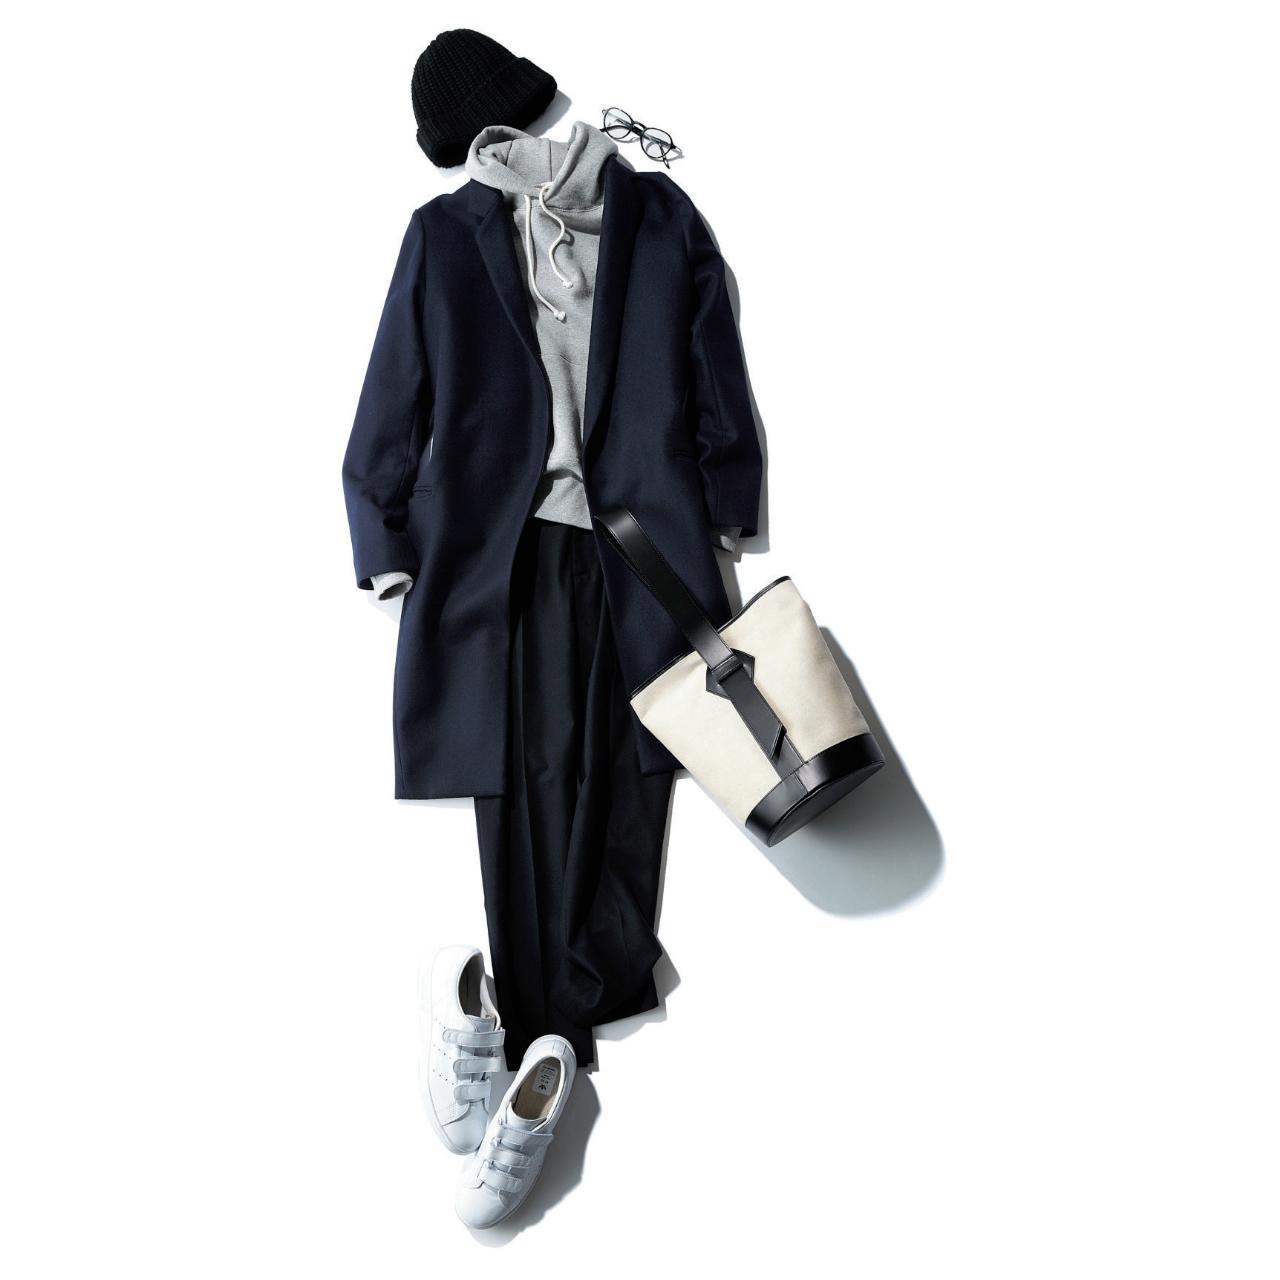 パーカ×黒パンツのファッションコーデ